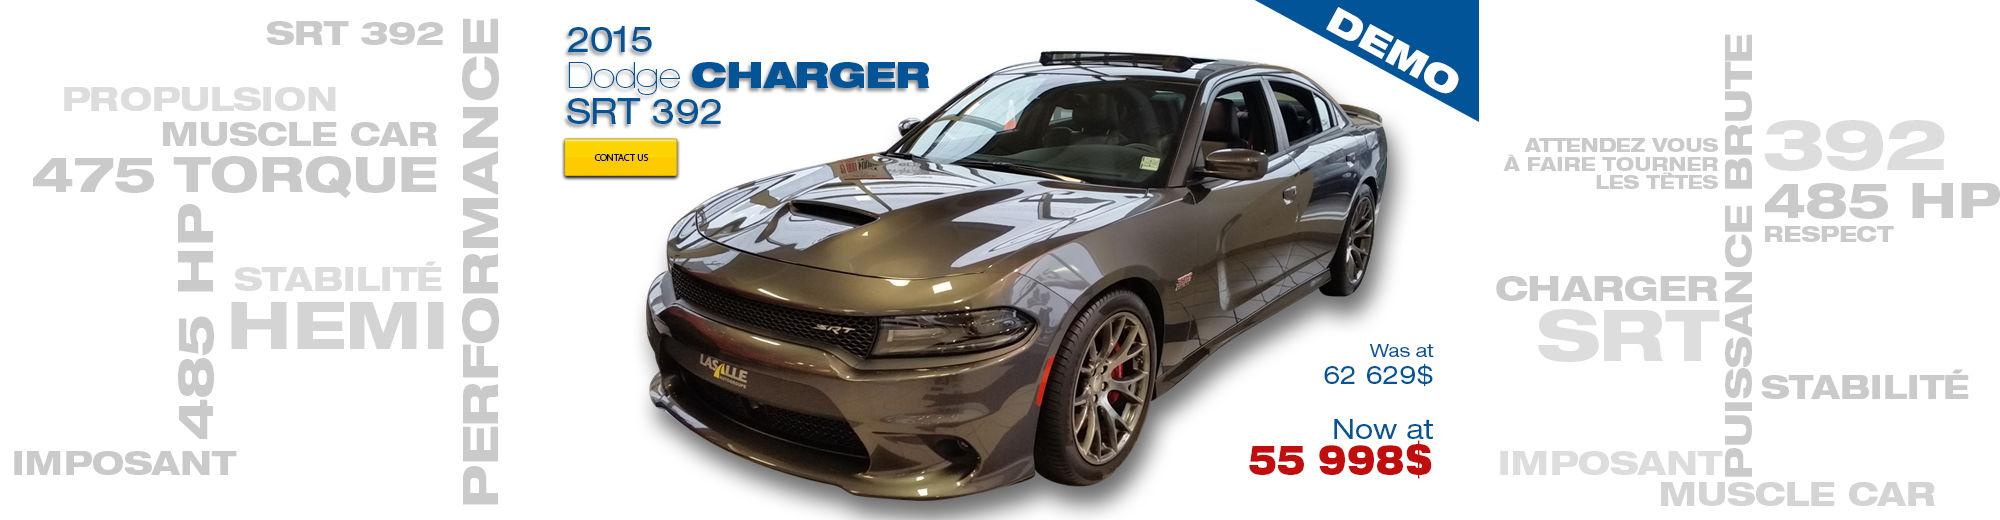 2015 Dodge Charger SRT 392 - Demo